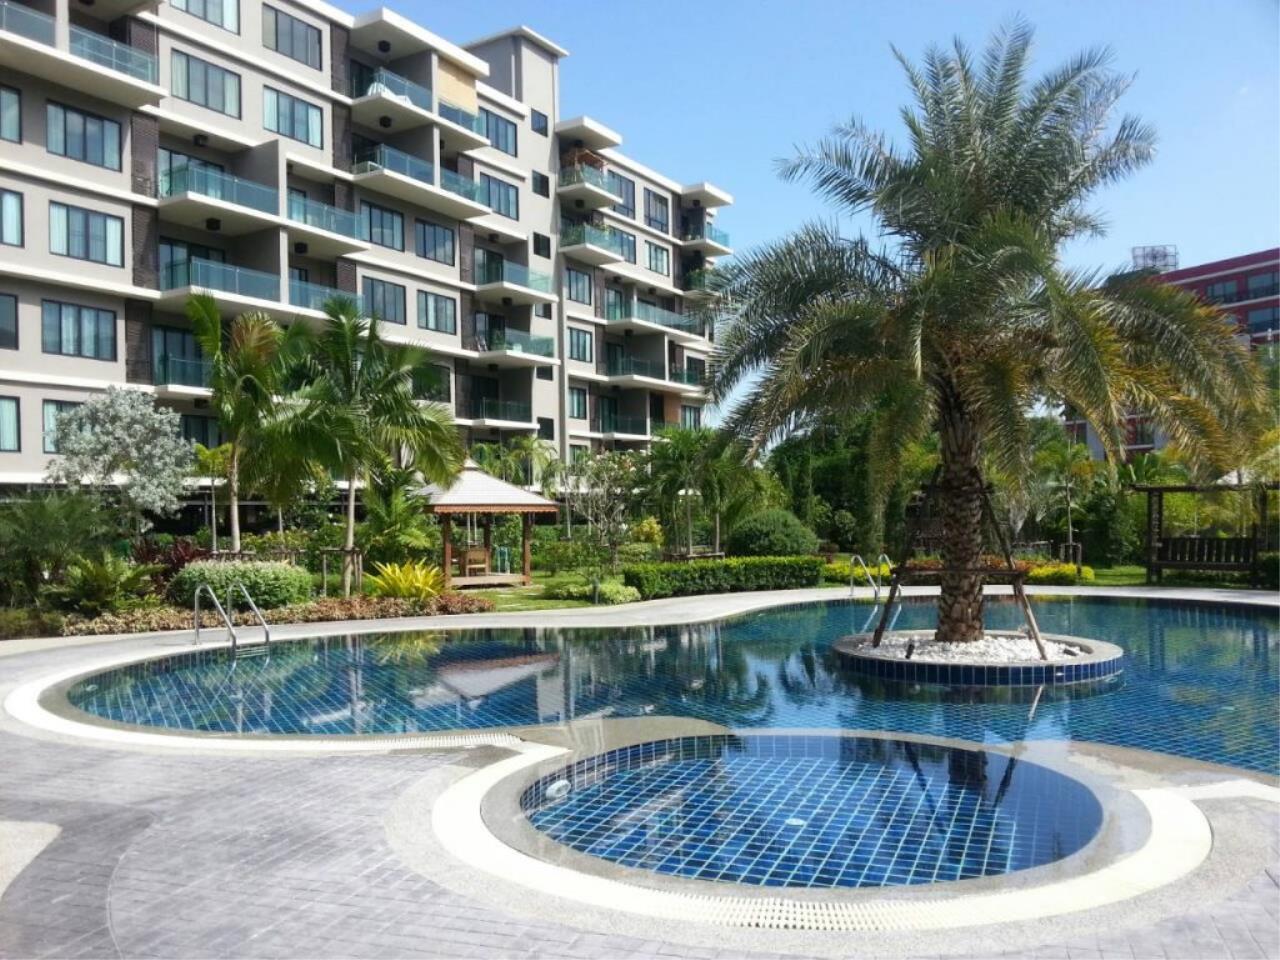 The Resort Condominium